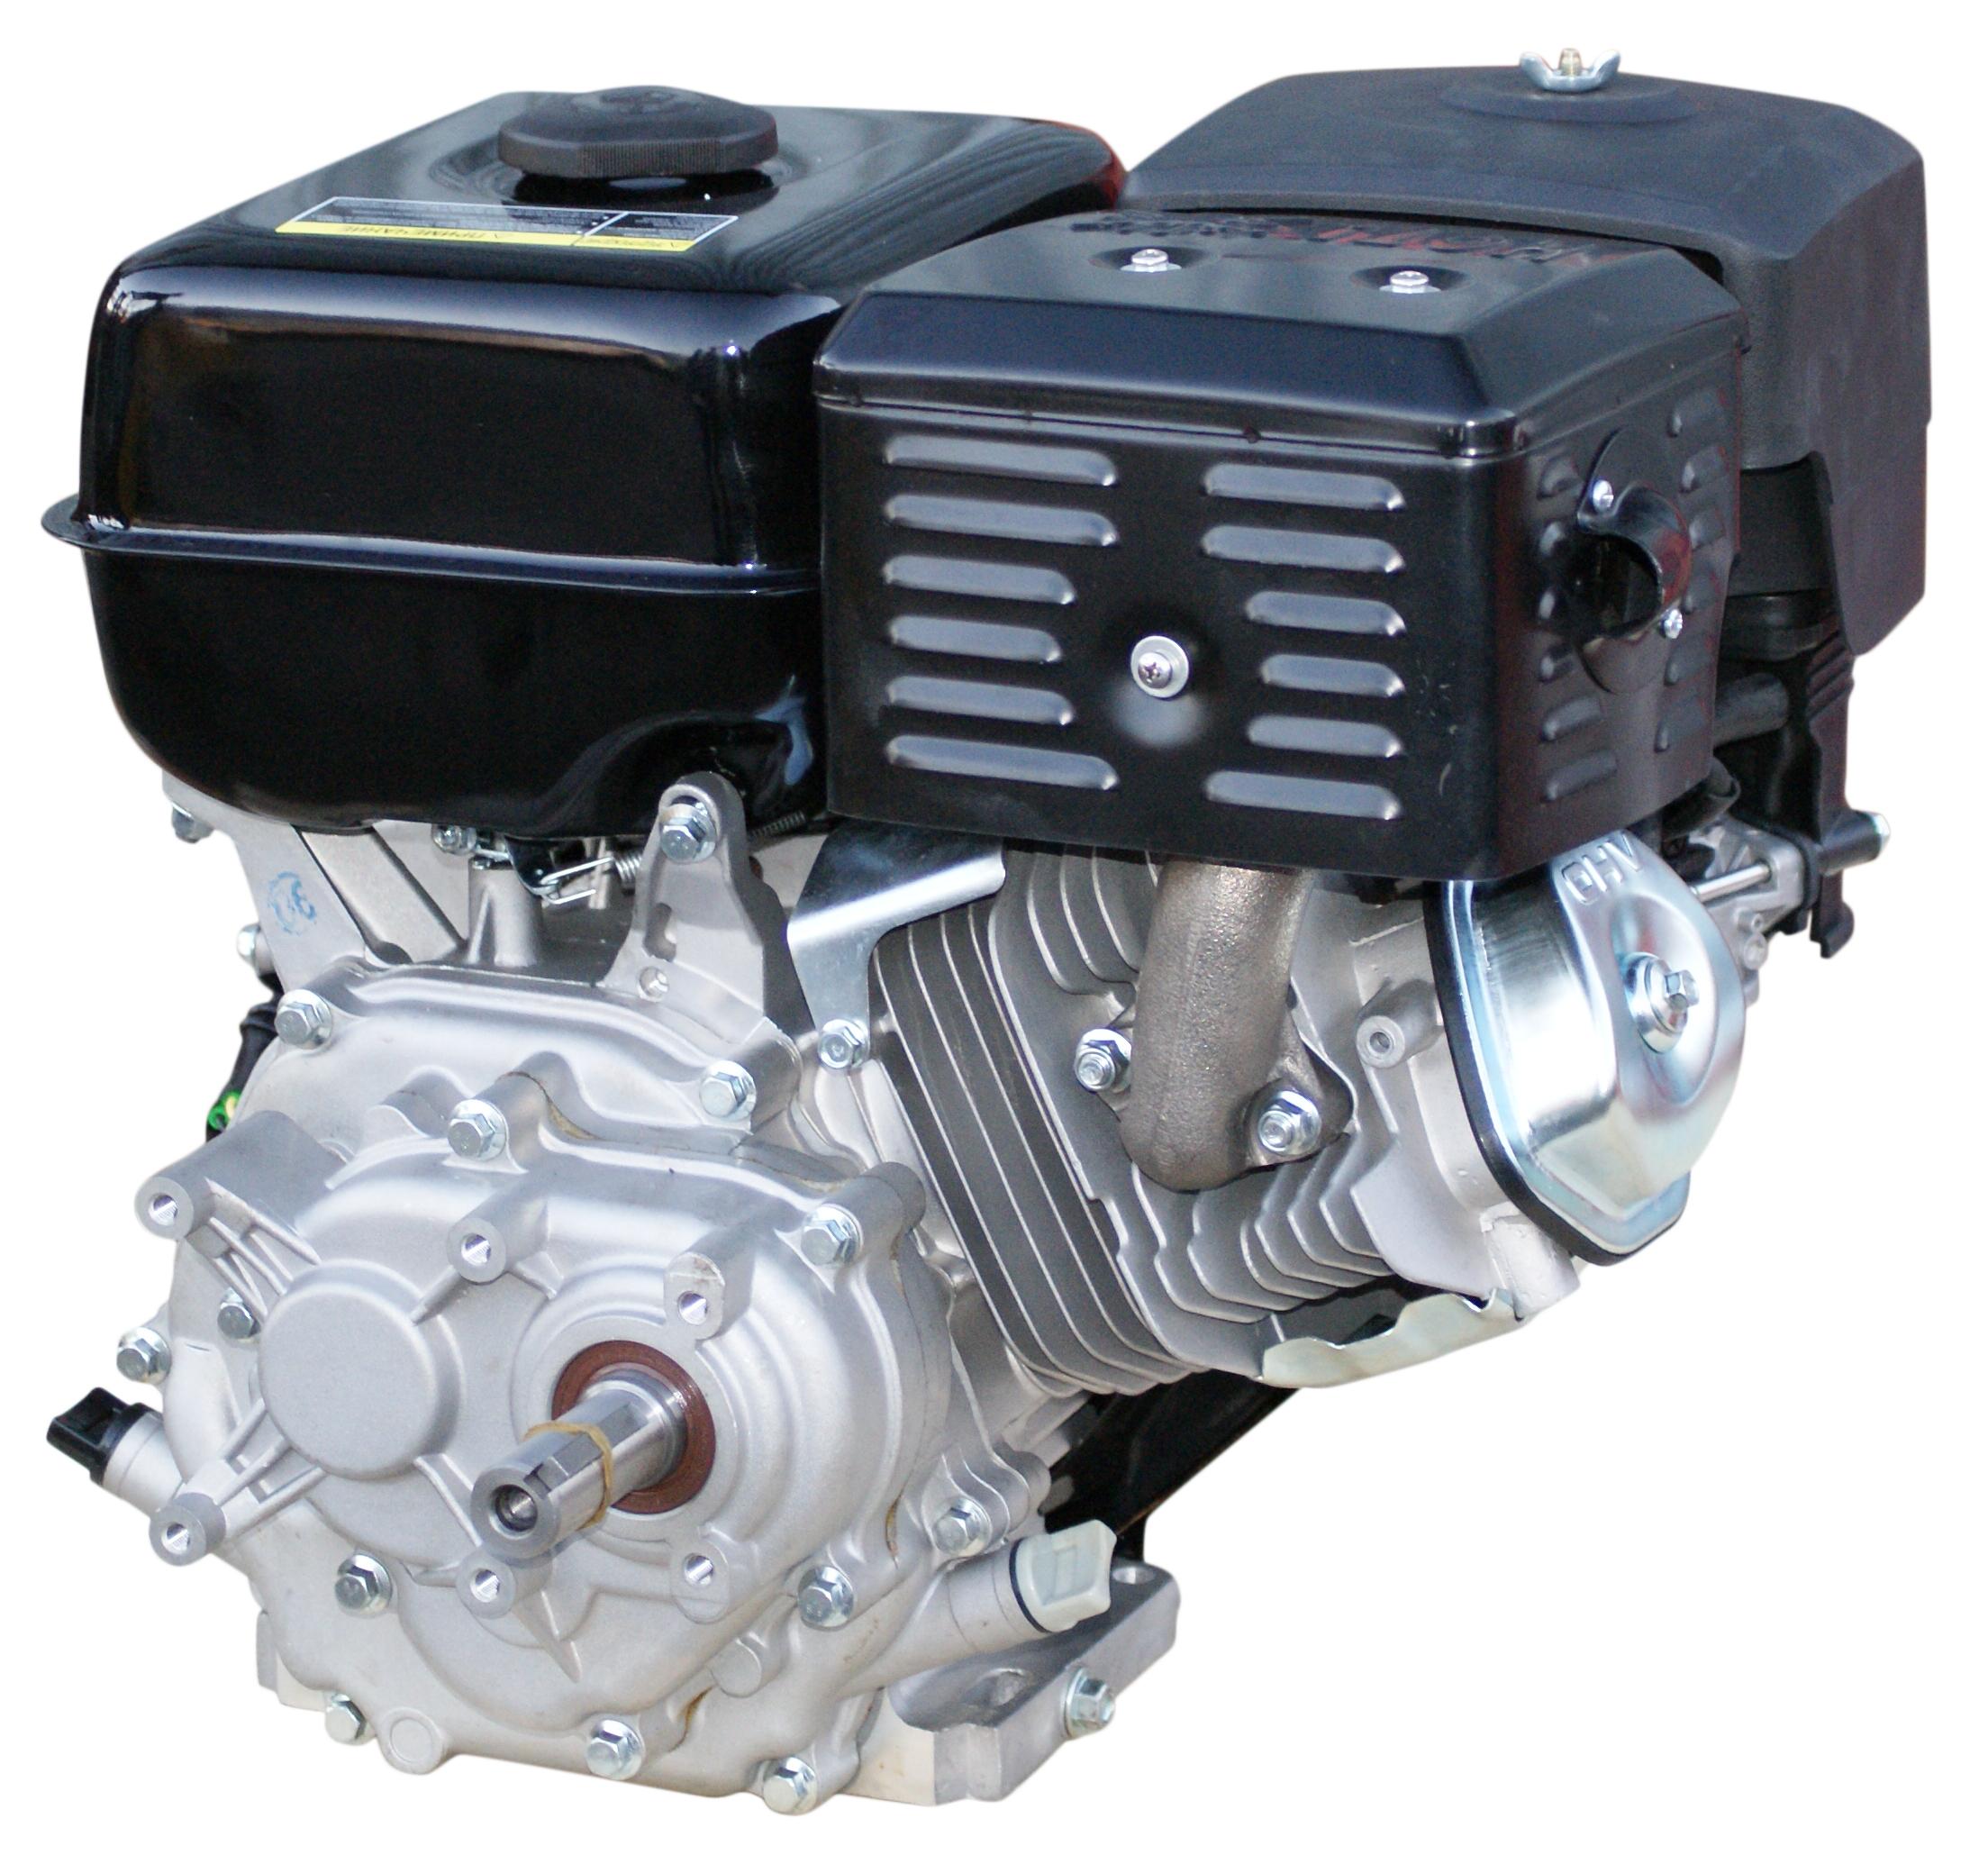 Двигатель Lifan 177f-l двигатель lifan 168f 2l